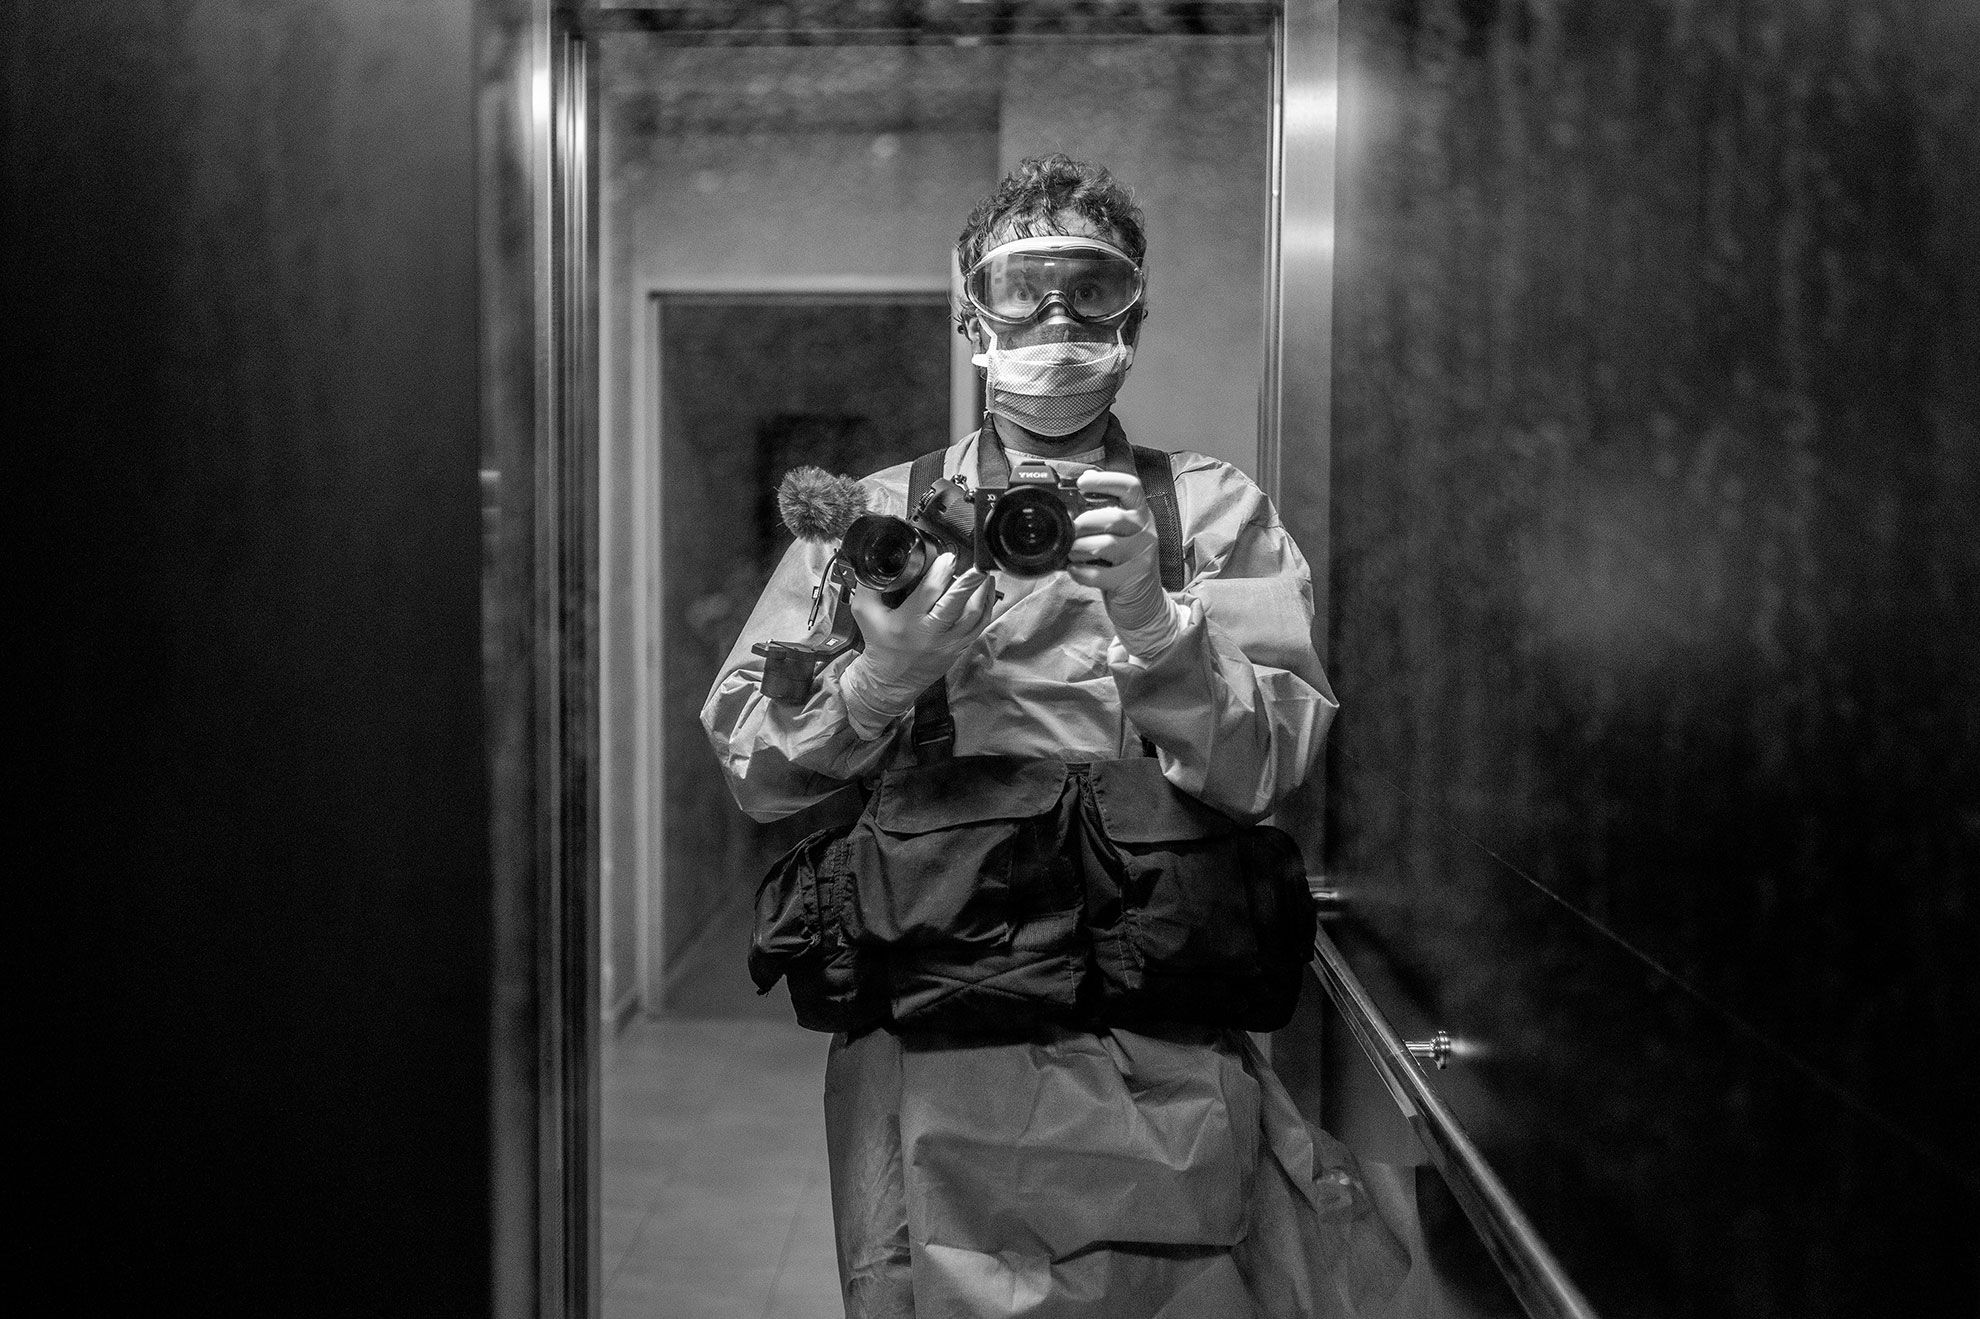 """Ayer mi compañero trabajó documentando la desinfección y reorganización de una residencia de ancianos, uno de los epicentros de esta pandemia, de donde salen las cifras mortales más elevadas que tanto nos indignan. Sin embargo, ya empiezan a salir a la luz las acciones cobardes y de odio -como la pintada en el coche de una ginecóloga en la que podía leerse """"rata infecta""""-, contra quienes ponen el cuerpo para parar el virus, cuidar a quienes lo sufren o proteger a quienes nos zafamos. Por otro lado, hay quienes los llaman """"héroes o heroínas"""". Yo me resisto a hacerlo, detesto ese término que alude a lo divino, cuando se trata de algo tan terrenal y humano como cuidarnos unos a otros. Prefiero brindarles mi apoyo y confianza. Al regresar por la noche, con la marca de las gafas de protección en la cara y más de 500 km recorridos, Olmo no fue recibido ni como un apestado ni como un héroe. Después de ducharse y hacer el protocolo habitual de desinfección que tenemos en casa, me contó con respeto todo lo que presenció y captó con su cámara. Así es el periodismo, otra profesión en primera línea de esta pandemia."""